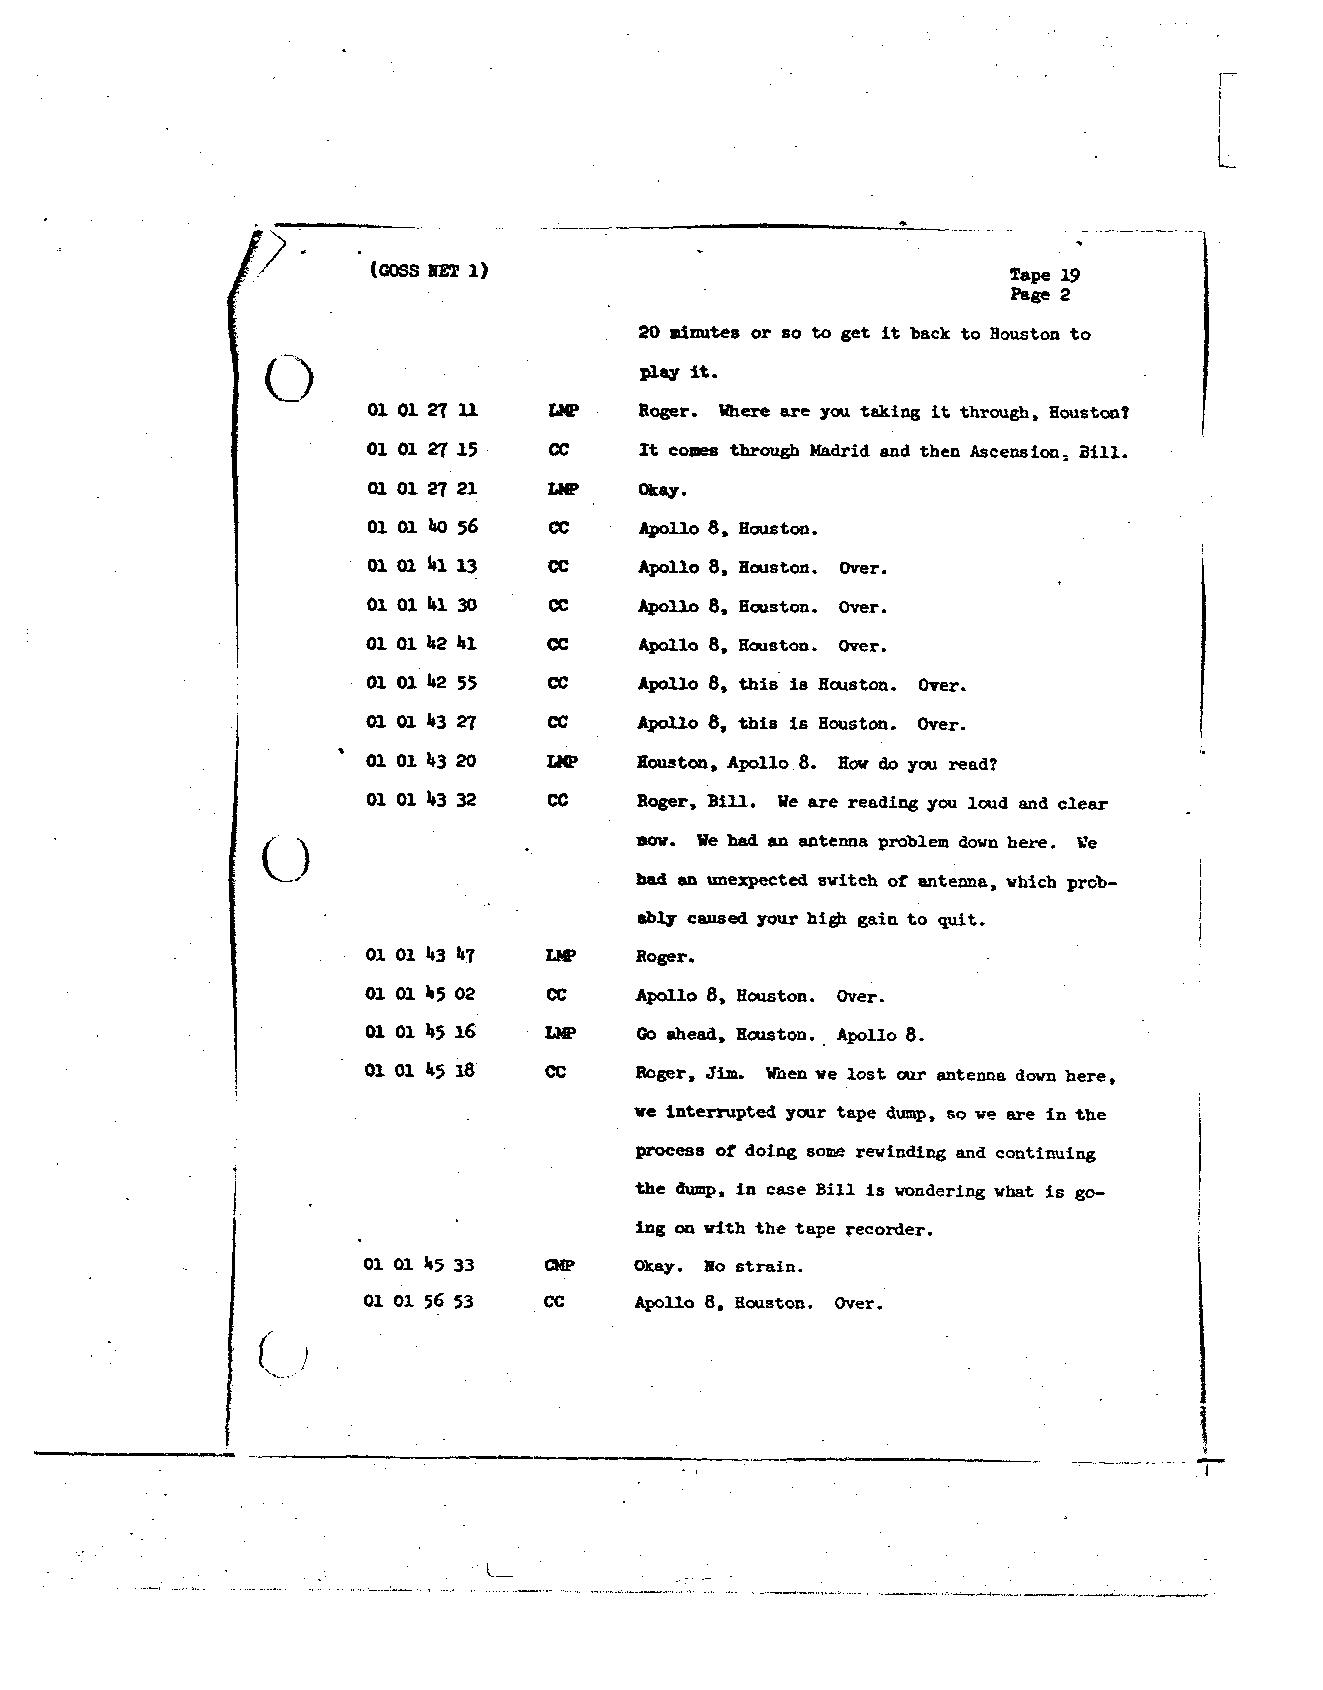 Page 149 of Apollo 8's original transcript